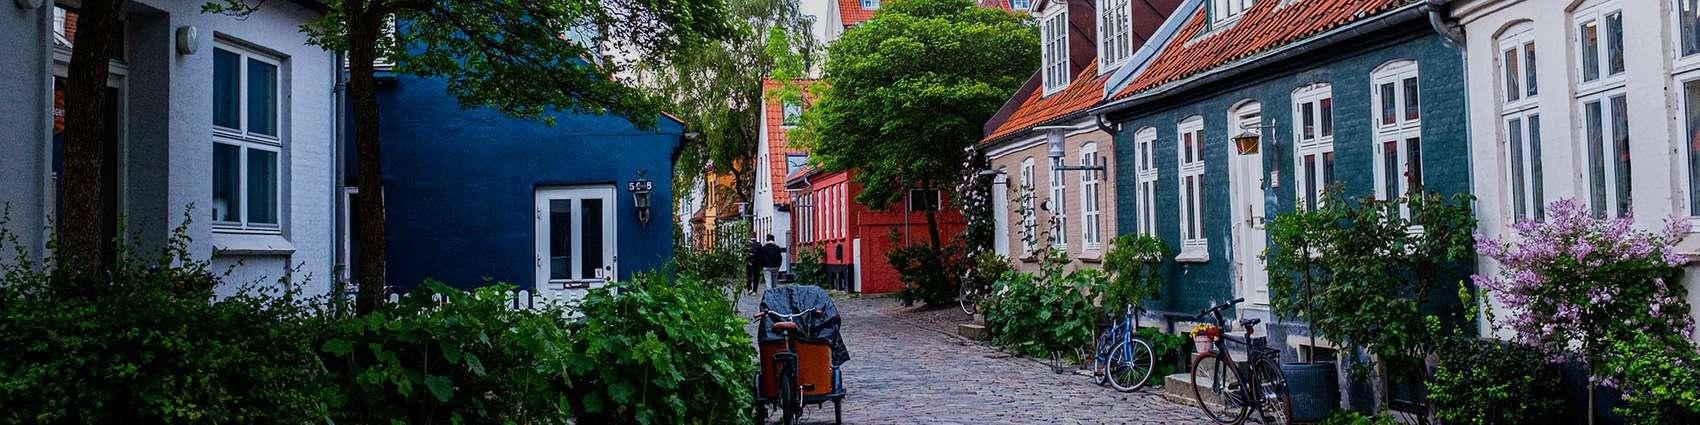 weekendophold Aarhus